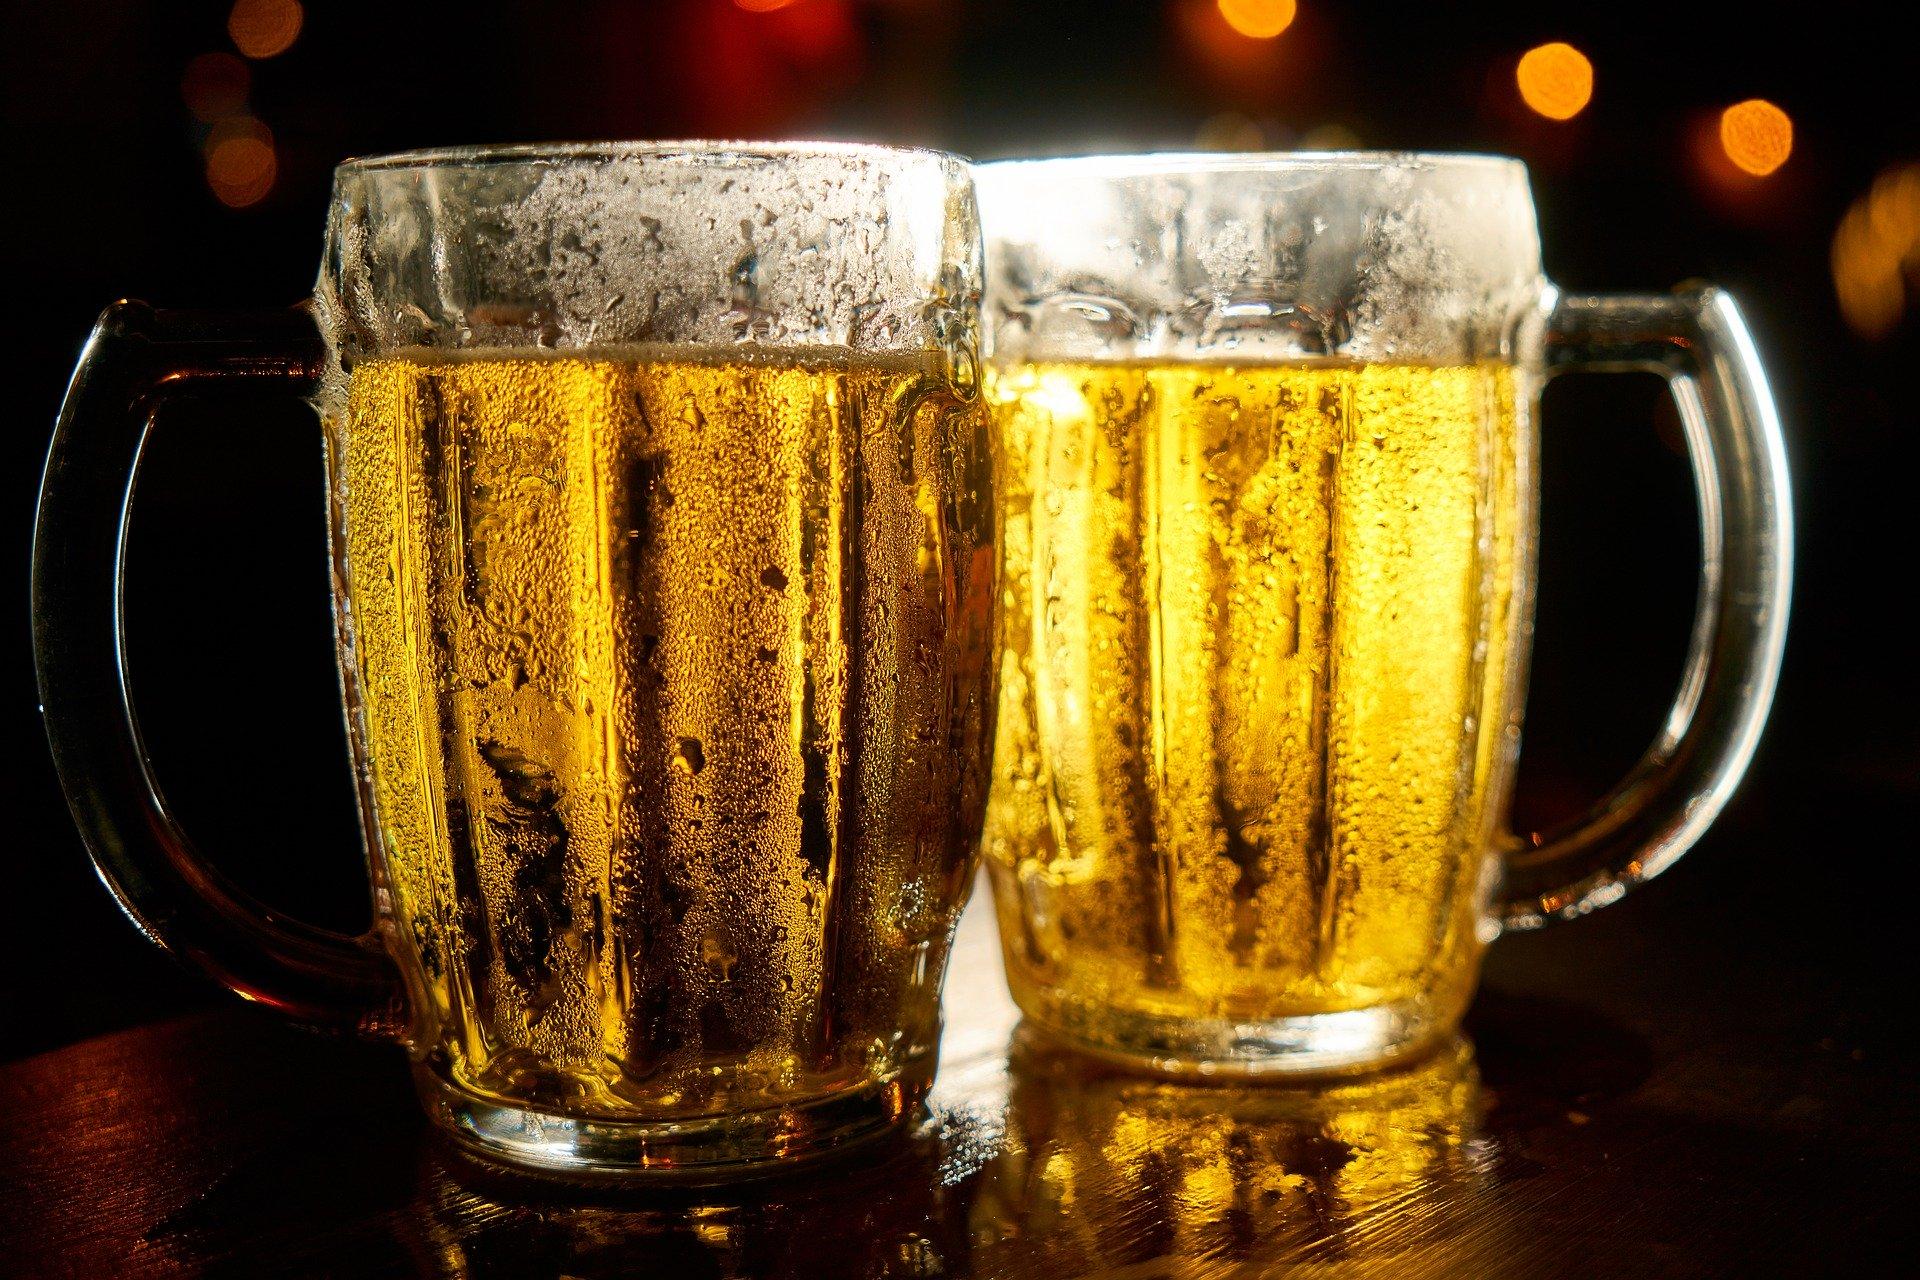 Пивоварний концерн AB InBev збільшив чистий прибуток більш ніж в 5 раз